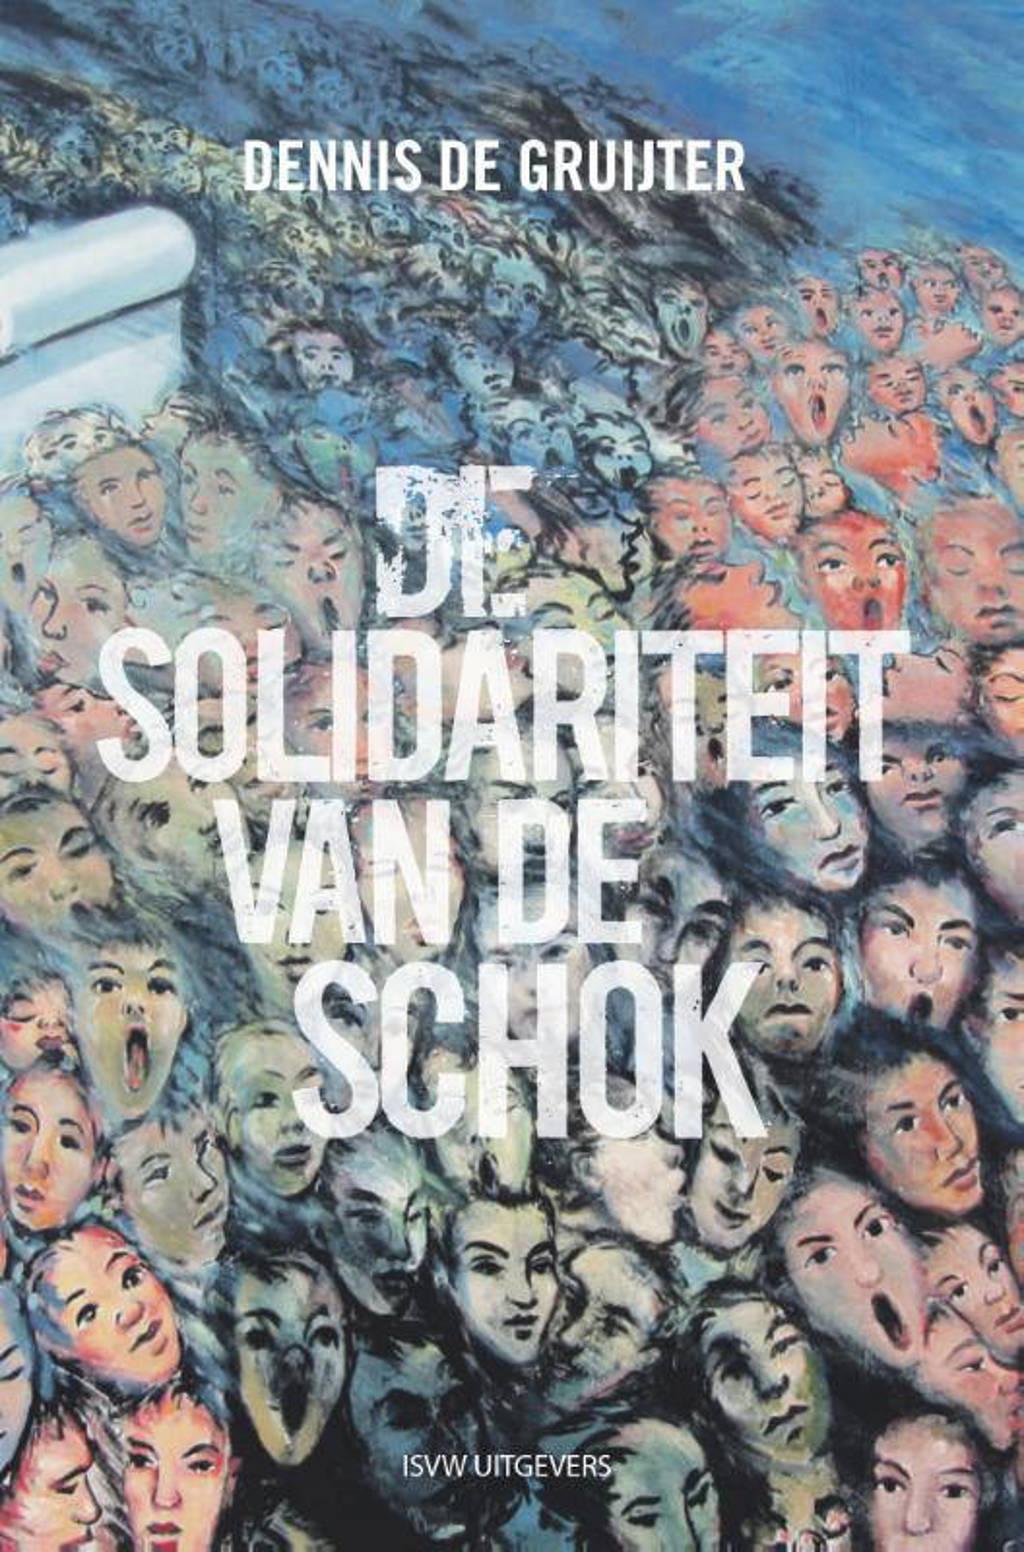 De solidariteit van de schok - Dennis de Gruijter